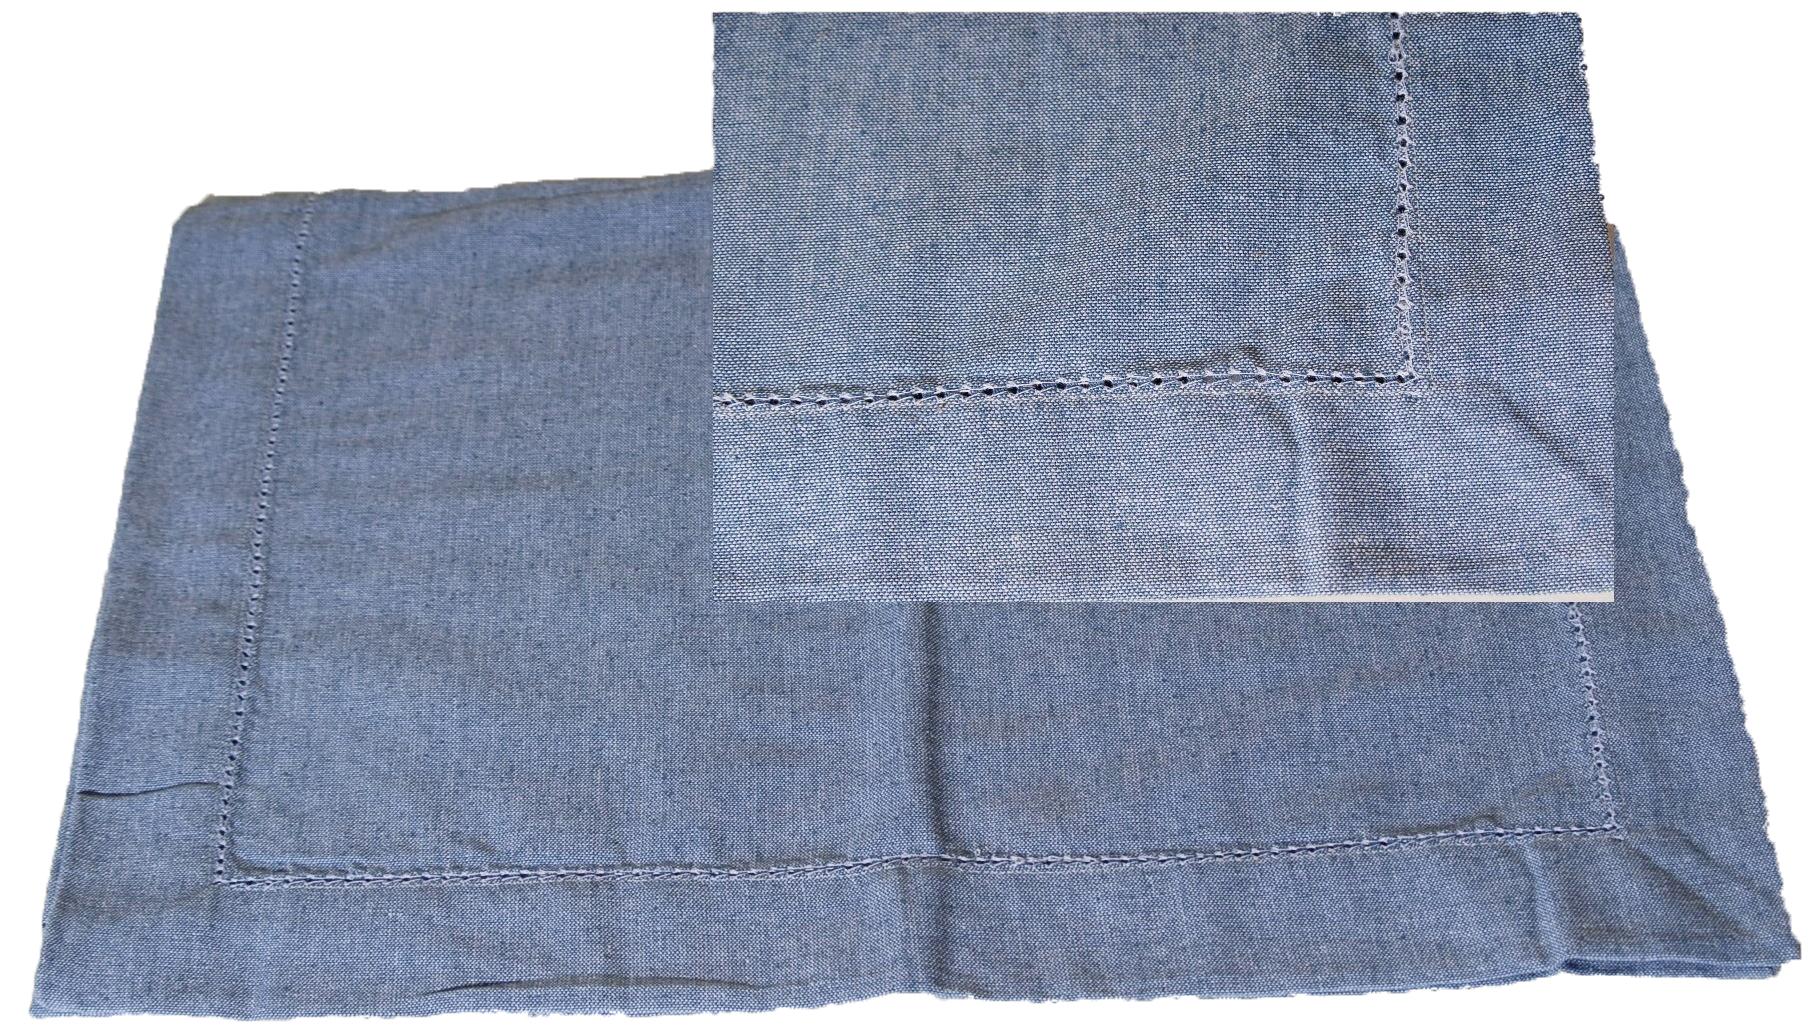 Runner Υφασμάτινο Royal Art 50×150εκ. STA62477BL (Χρώμα: Μπλε) – Royal Art Collection – STA62477BL